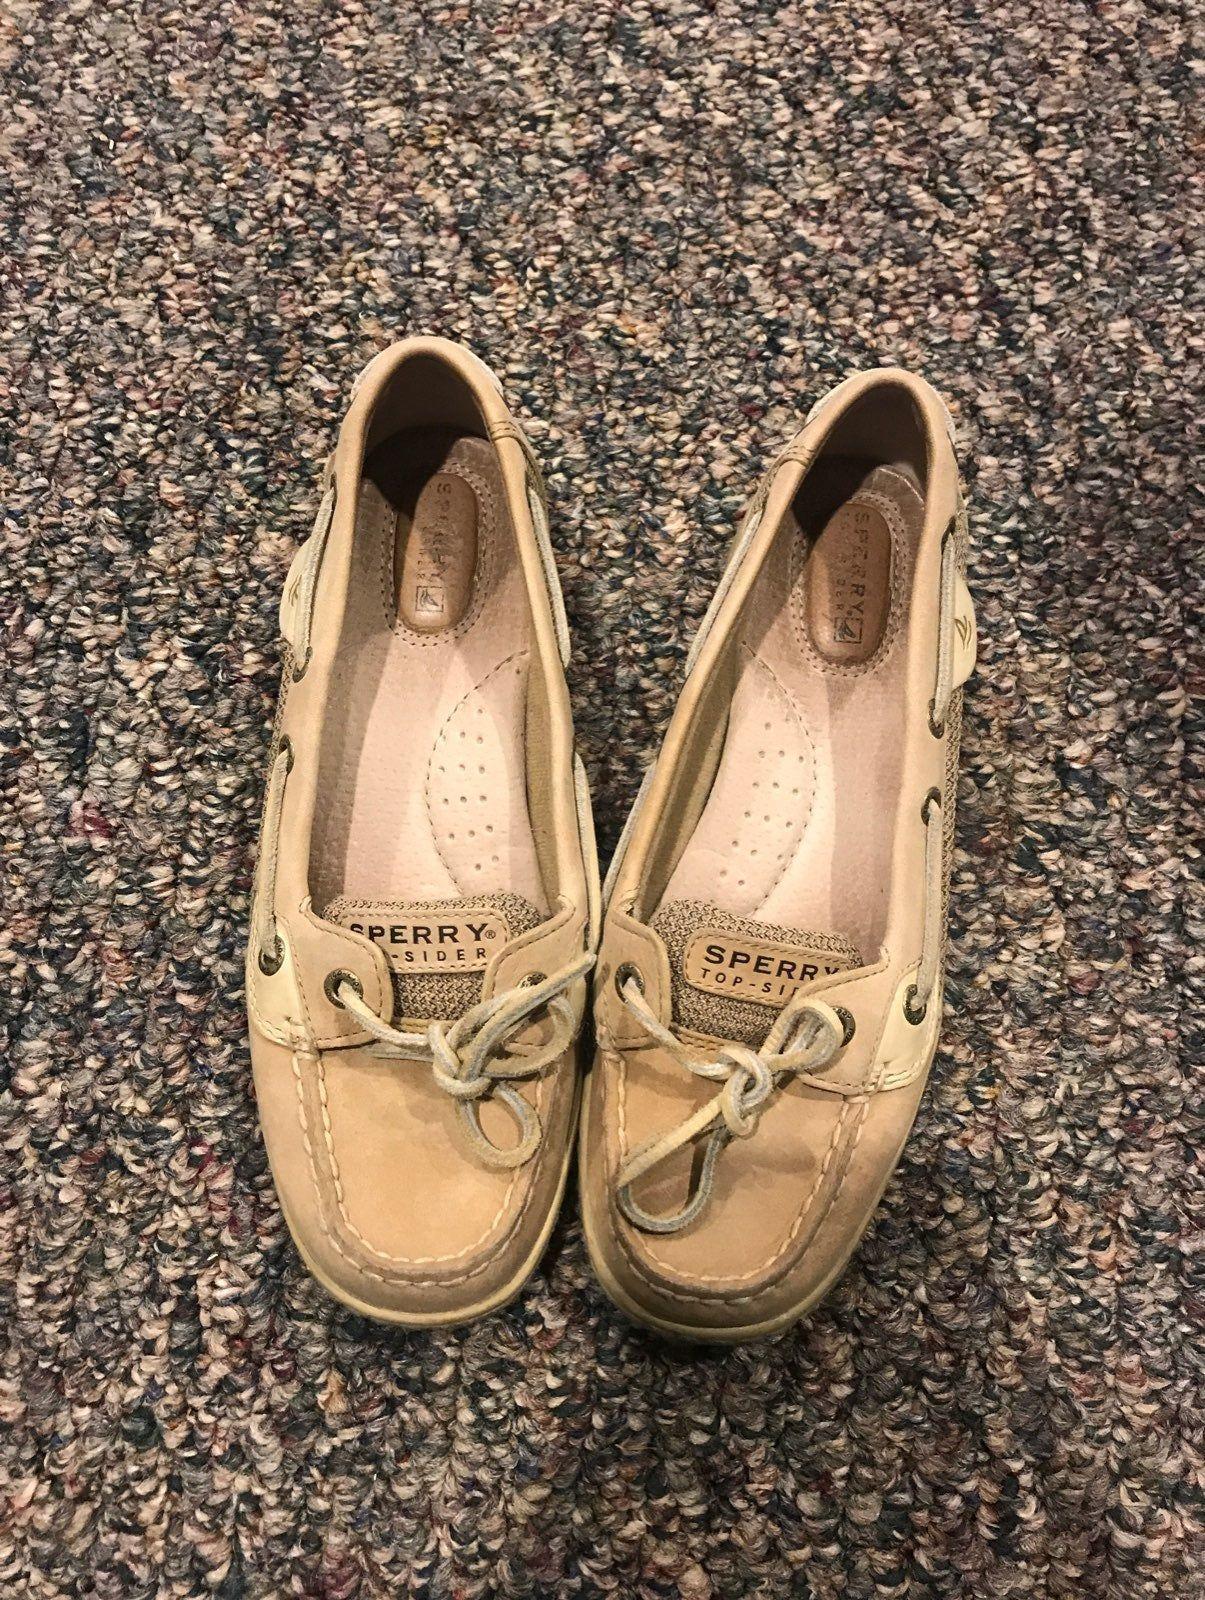 Khaki color sperry boat shoes. Super